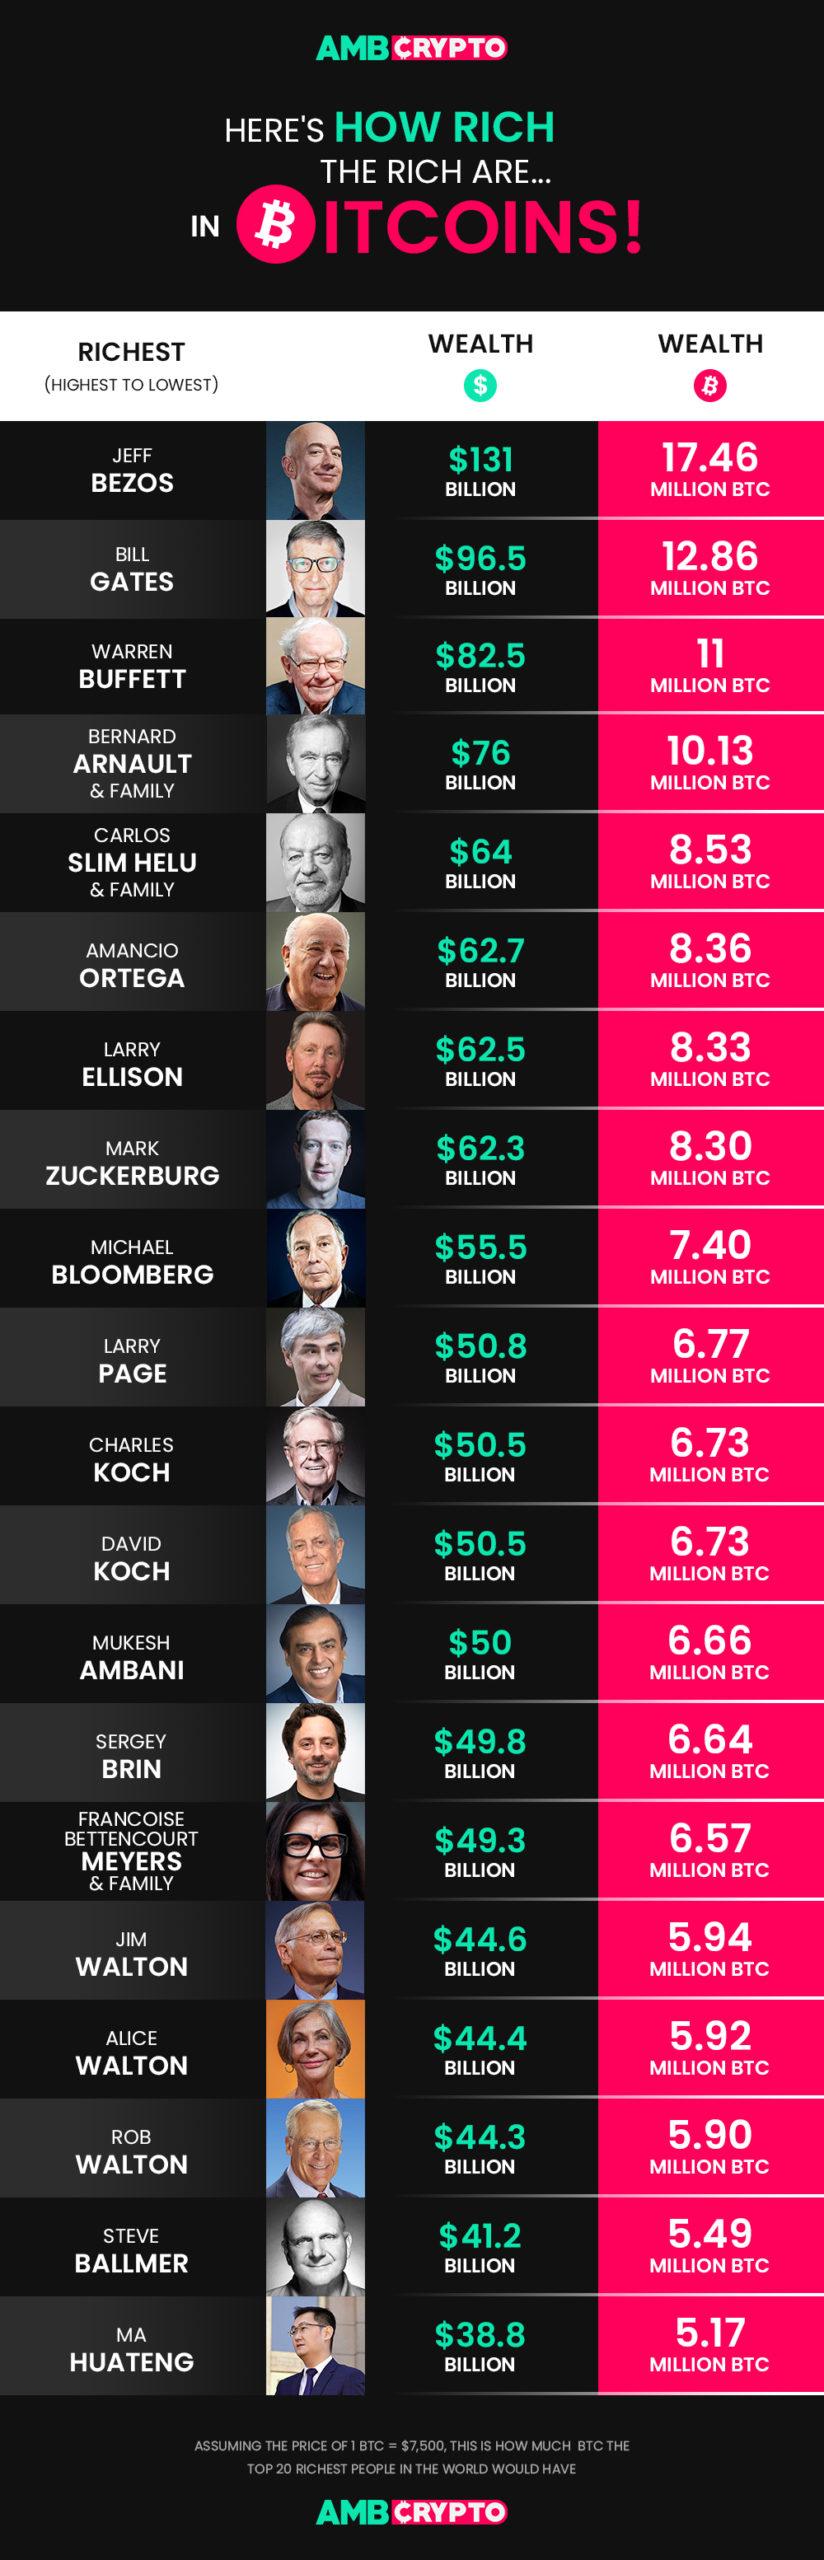 Dünyanın En Zengin İsimleri Bitcoin BTC